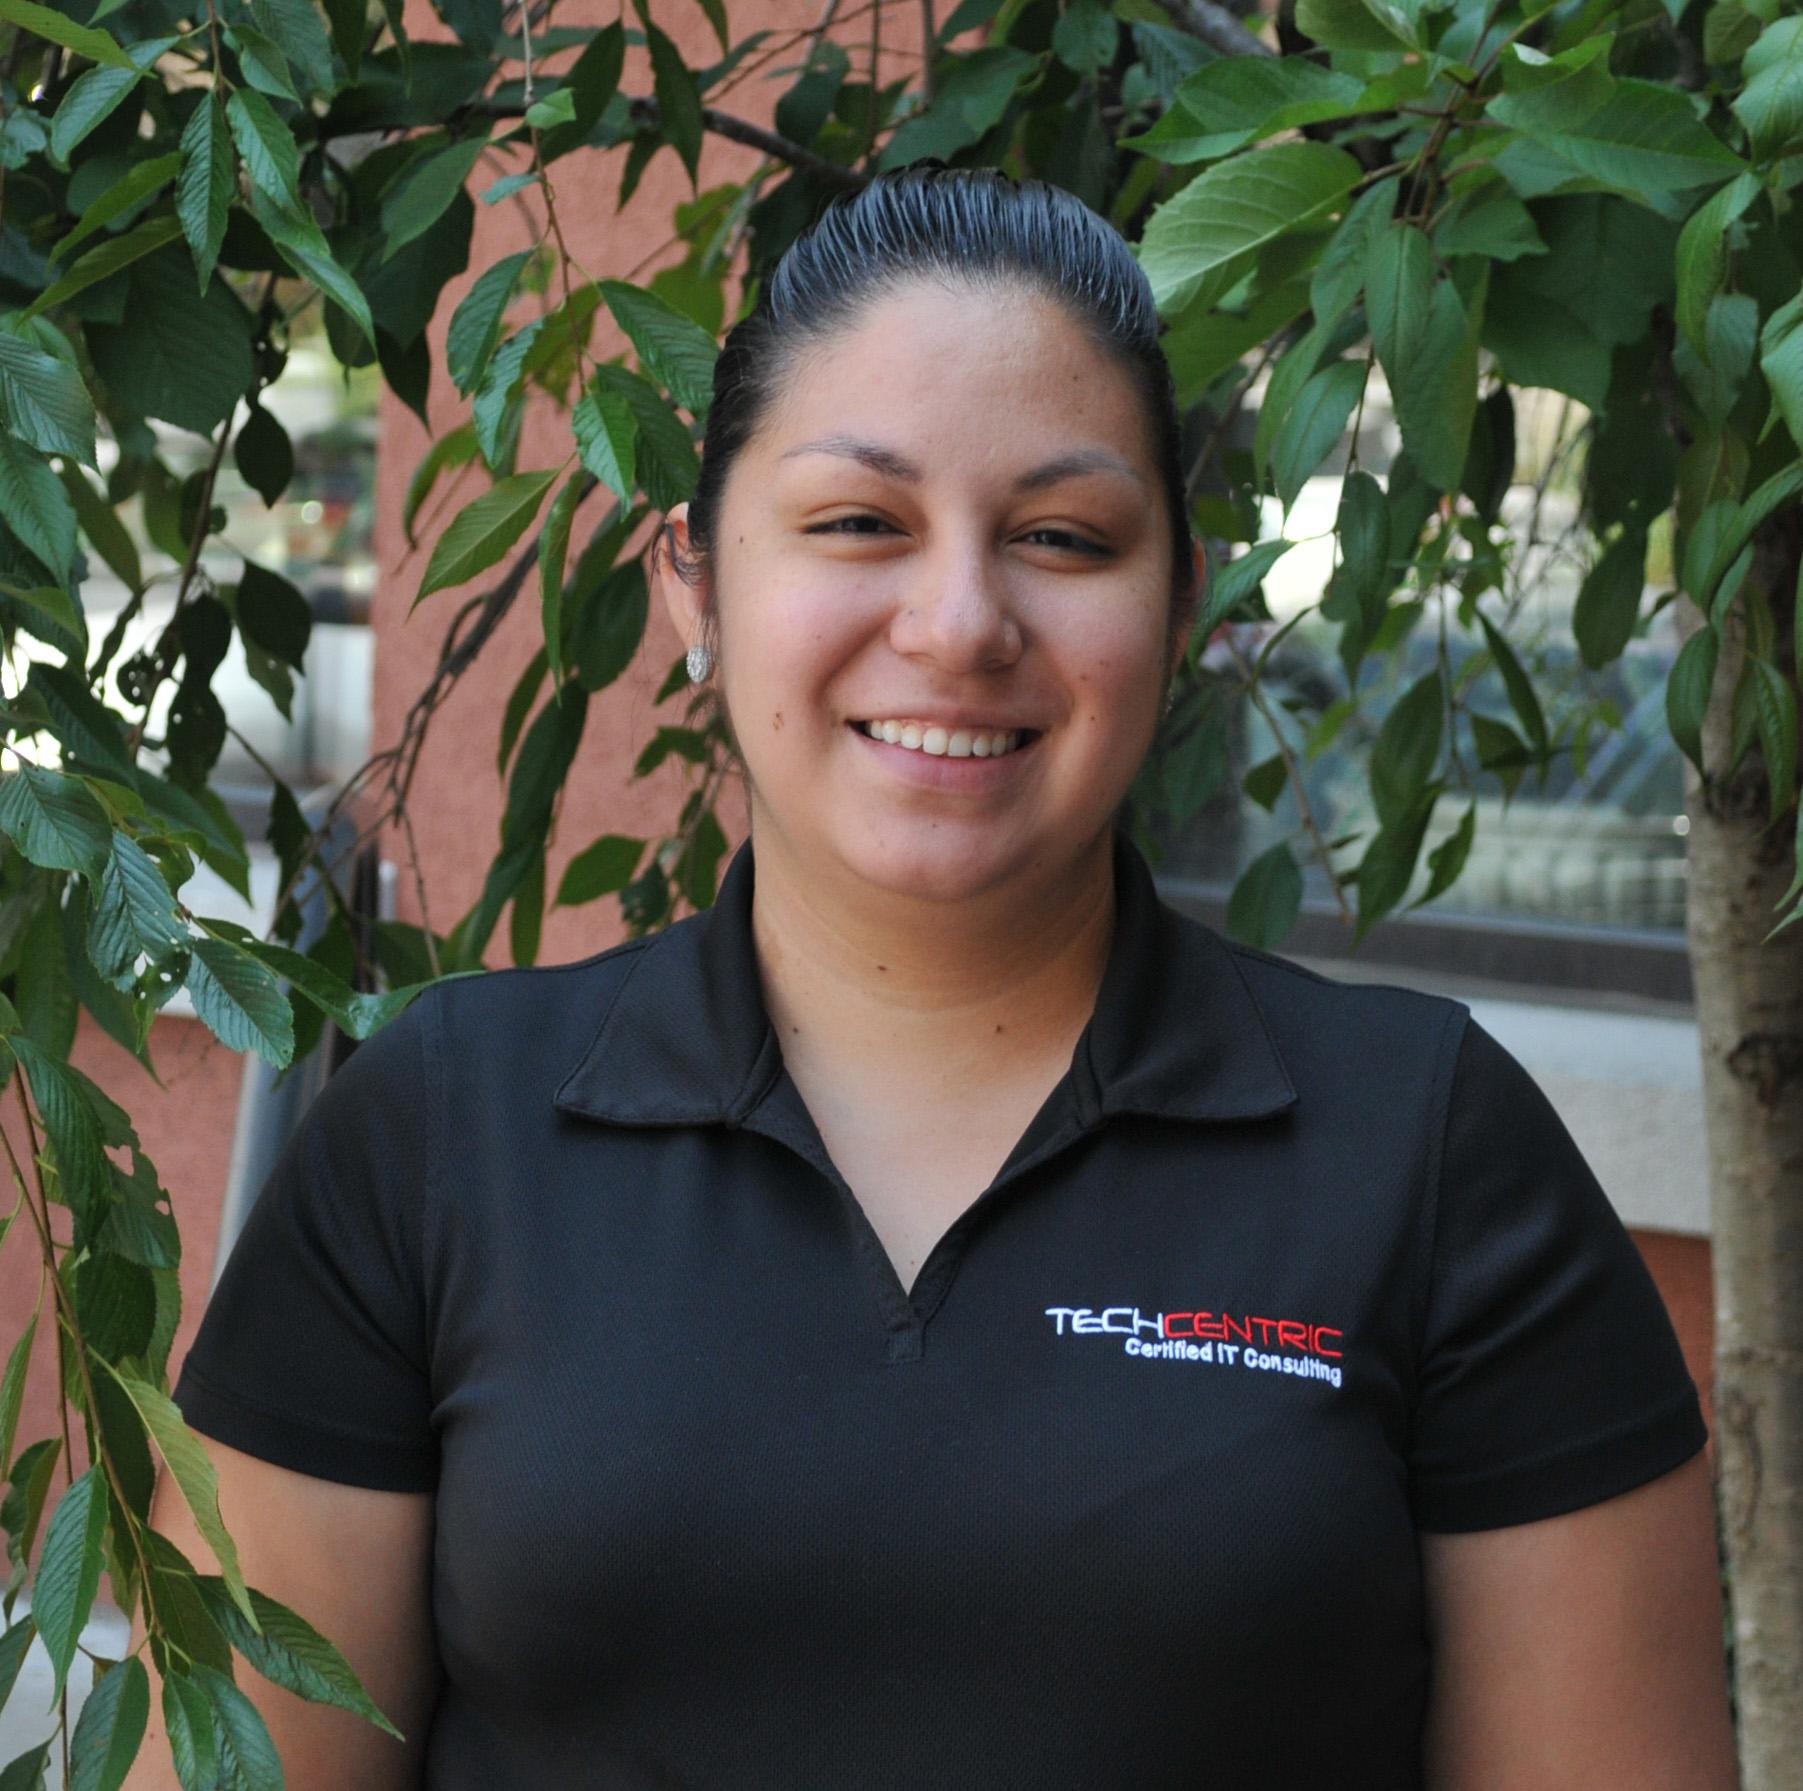 Monica Picon